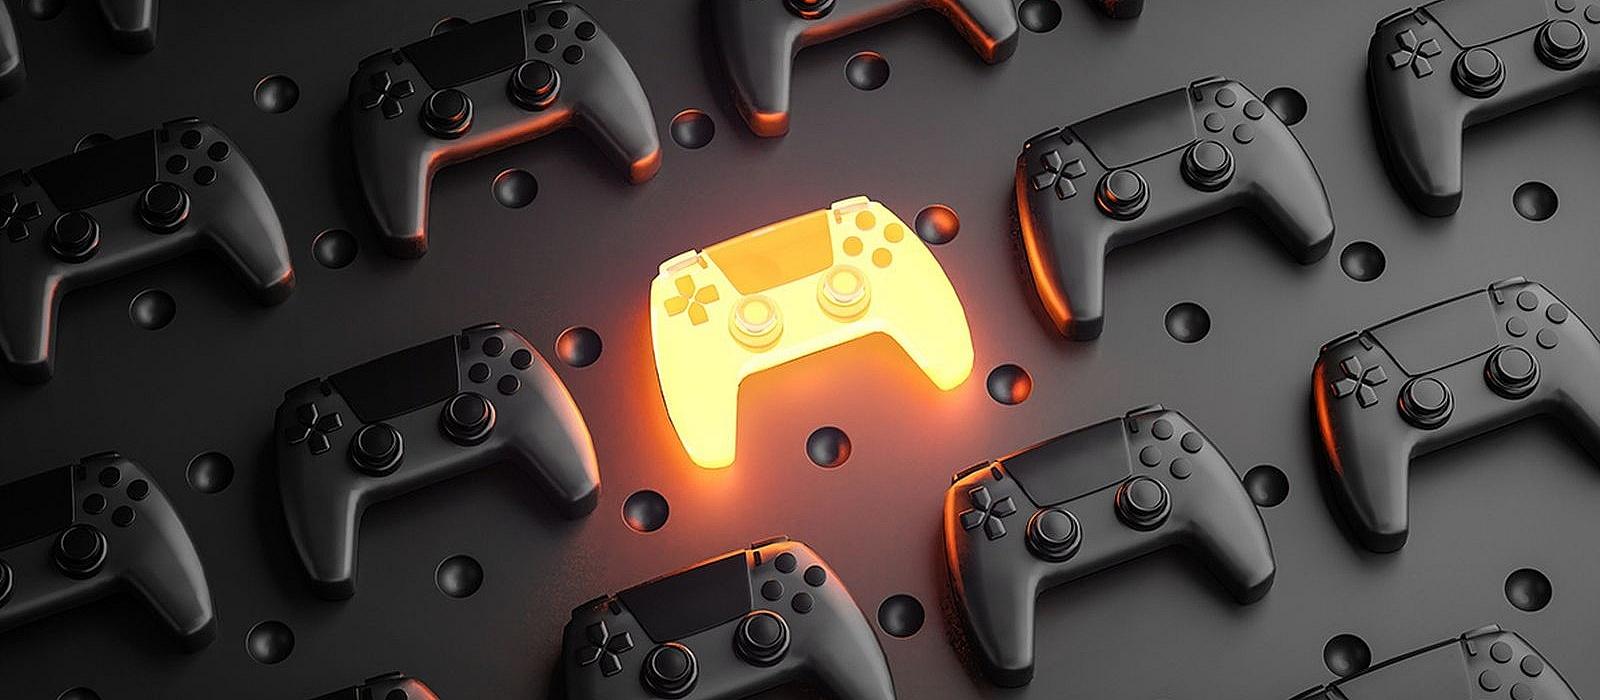 Medien: Nach einigen Jahren kann PS5 keine Spiele mehr aus dem internen Speicher ausführen.  PS4 hatte das gleiche Problem